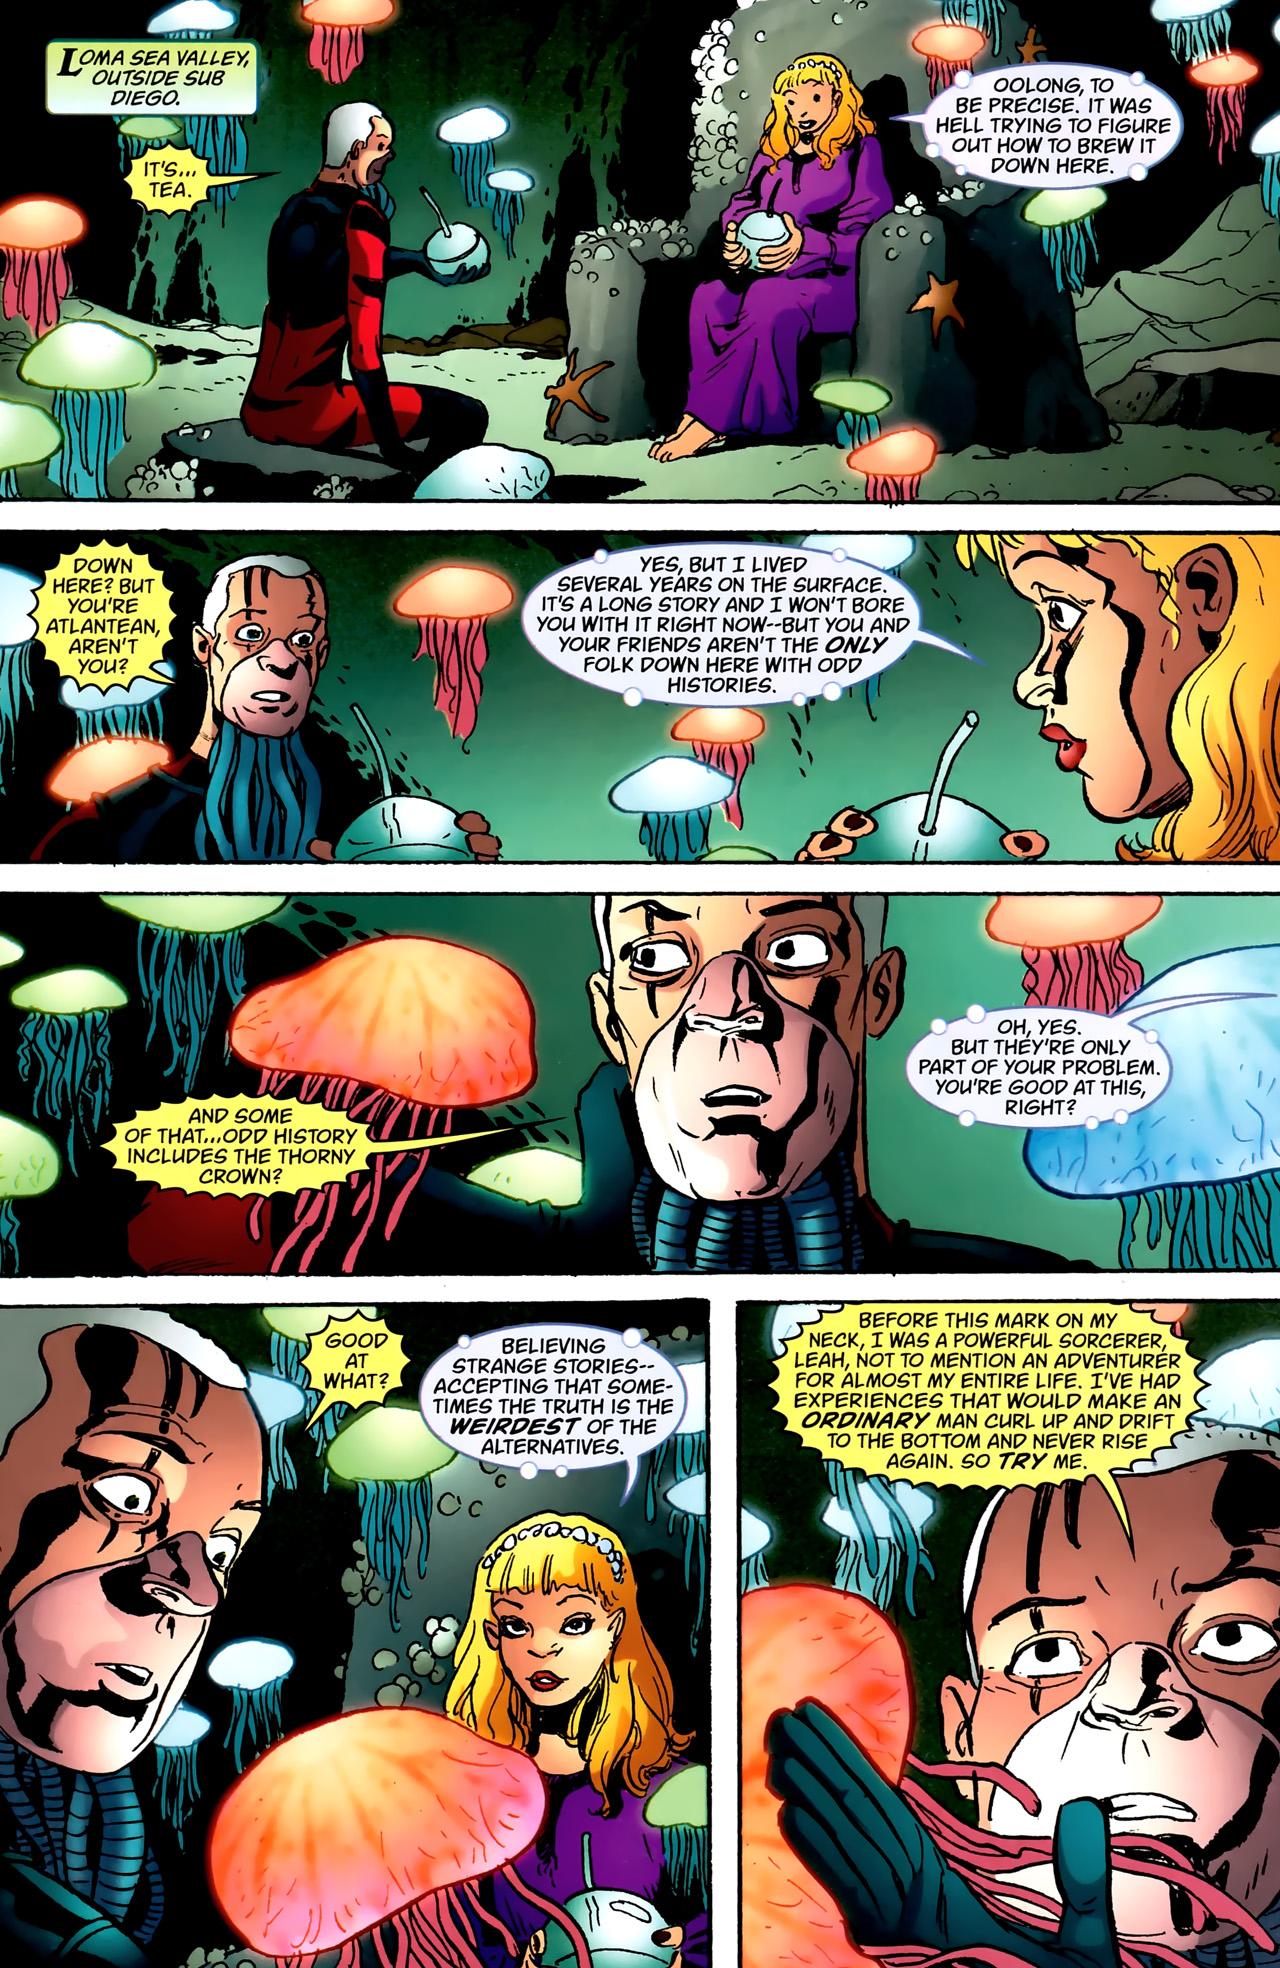 Read online Aquaman: Sword of Atlantis comic -  Issue #55 - 16